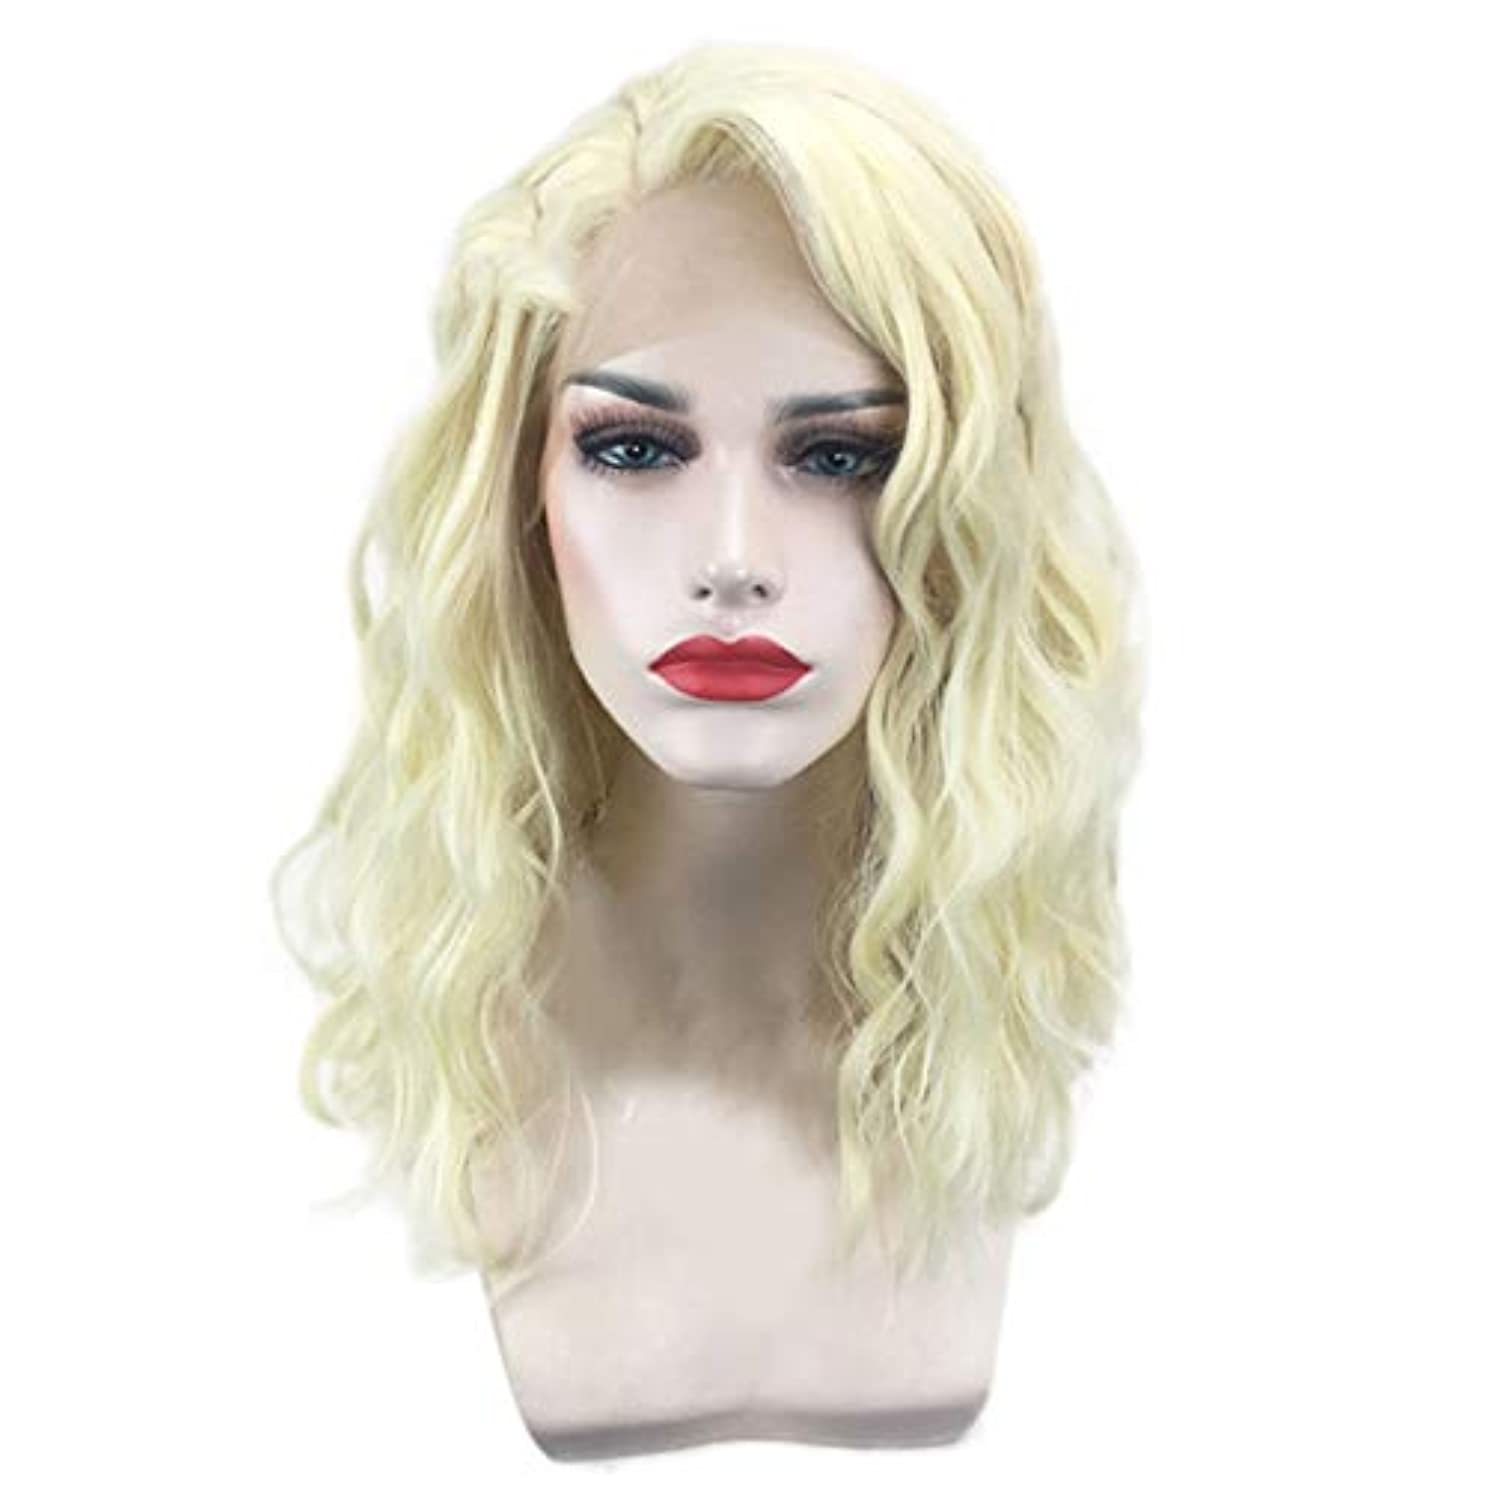 計算するスズメバチブロッサム女性のための短い巻き毛のかつらゴールドウェーブヘアかつら自然に見える耐熱合成ファッションかつらコスプレ気質